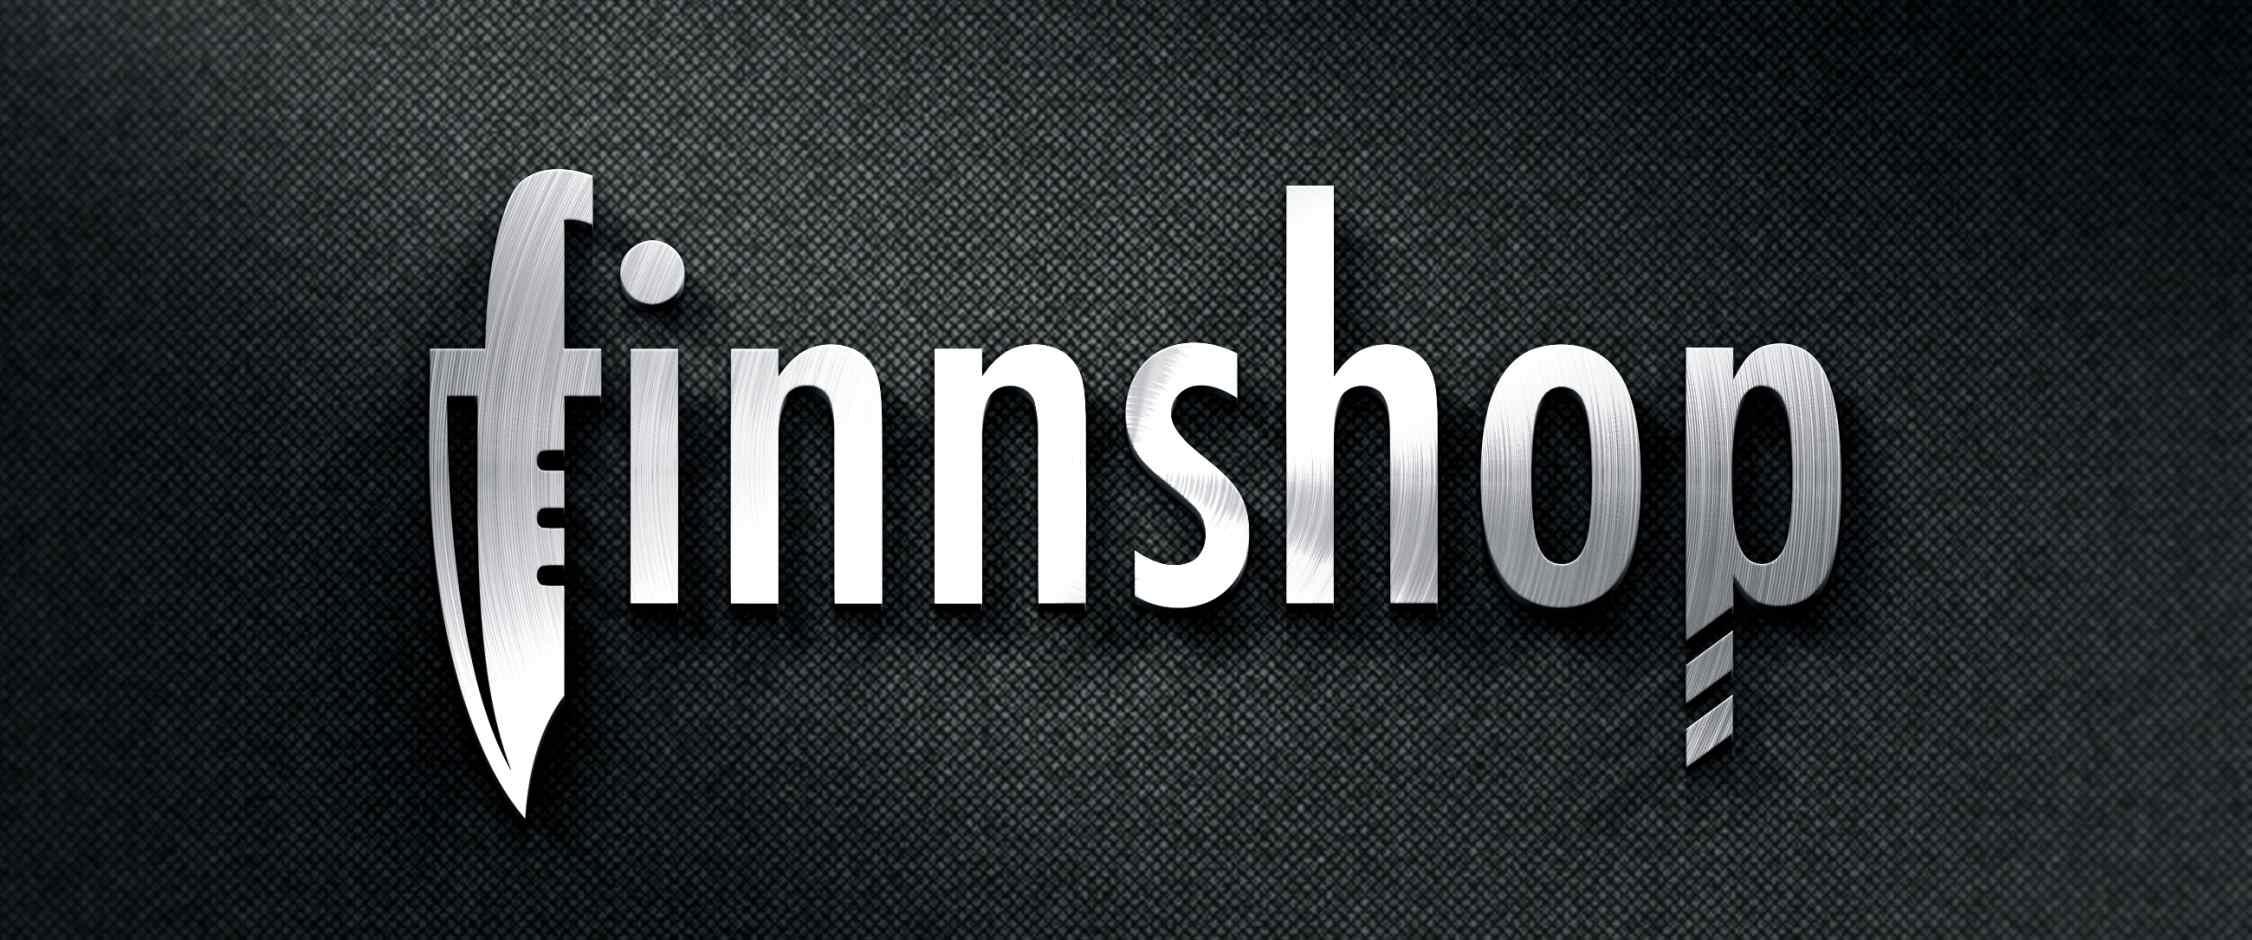 Finnshop céglogó tervezés